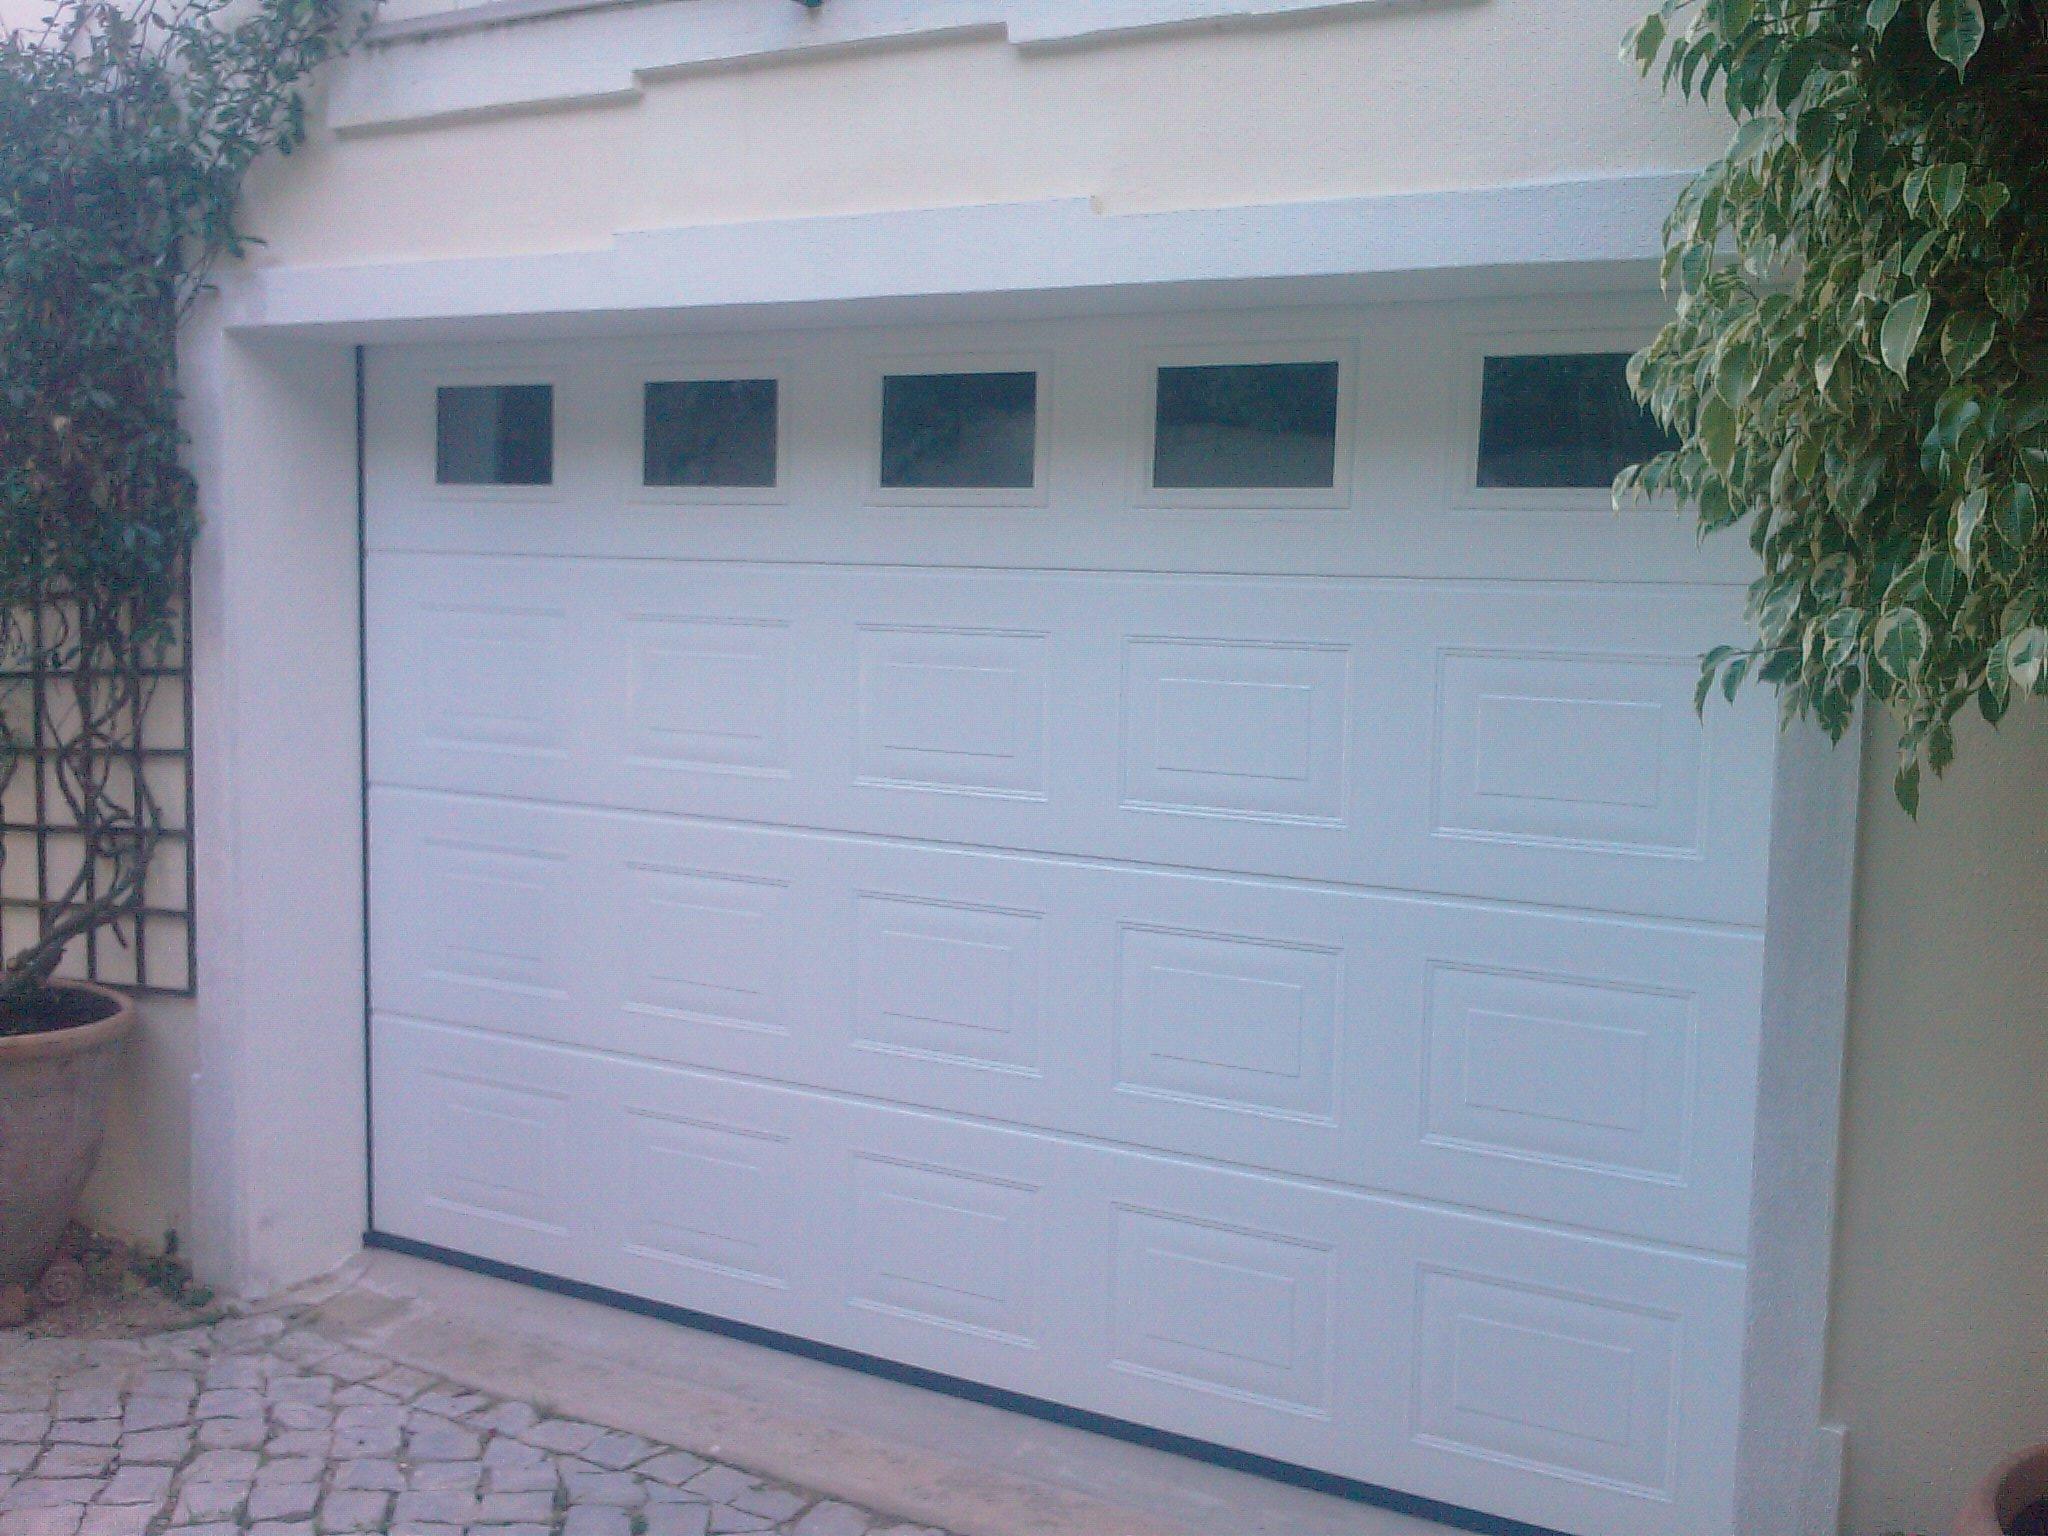 1536 #4B5F80 Garage Door With Fix Windows image Garage Doors Delaware 37432048